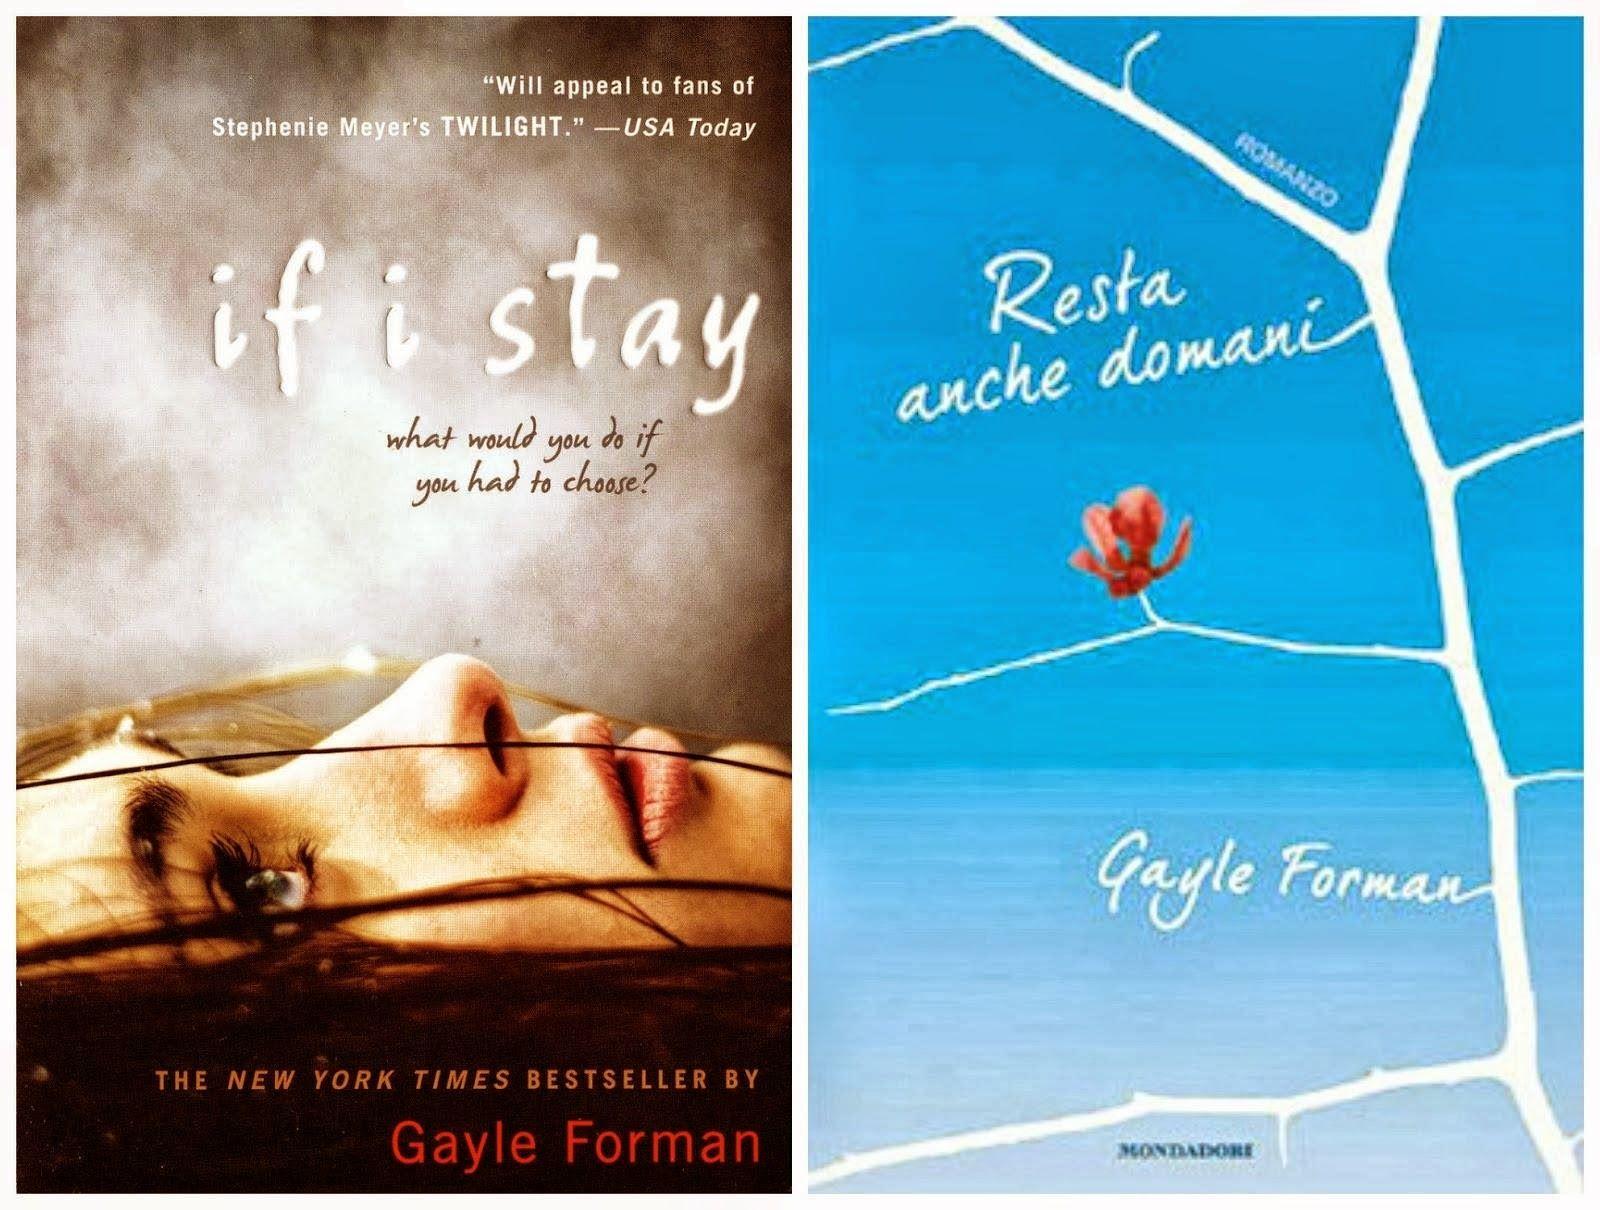 Resta anche domani di Gayle Forman: recensione e trama del libro che ha ispirato il film